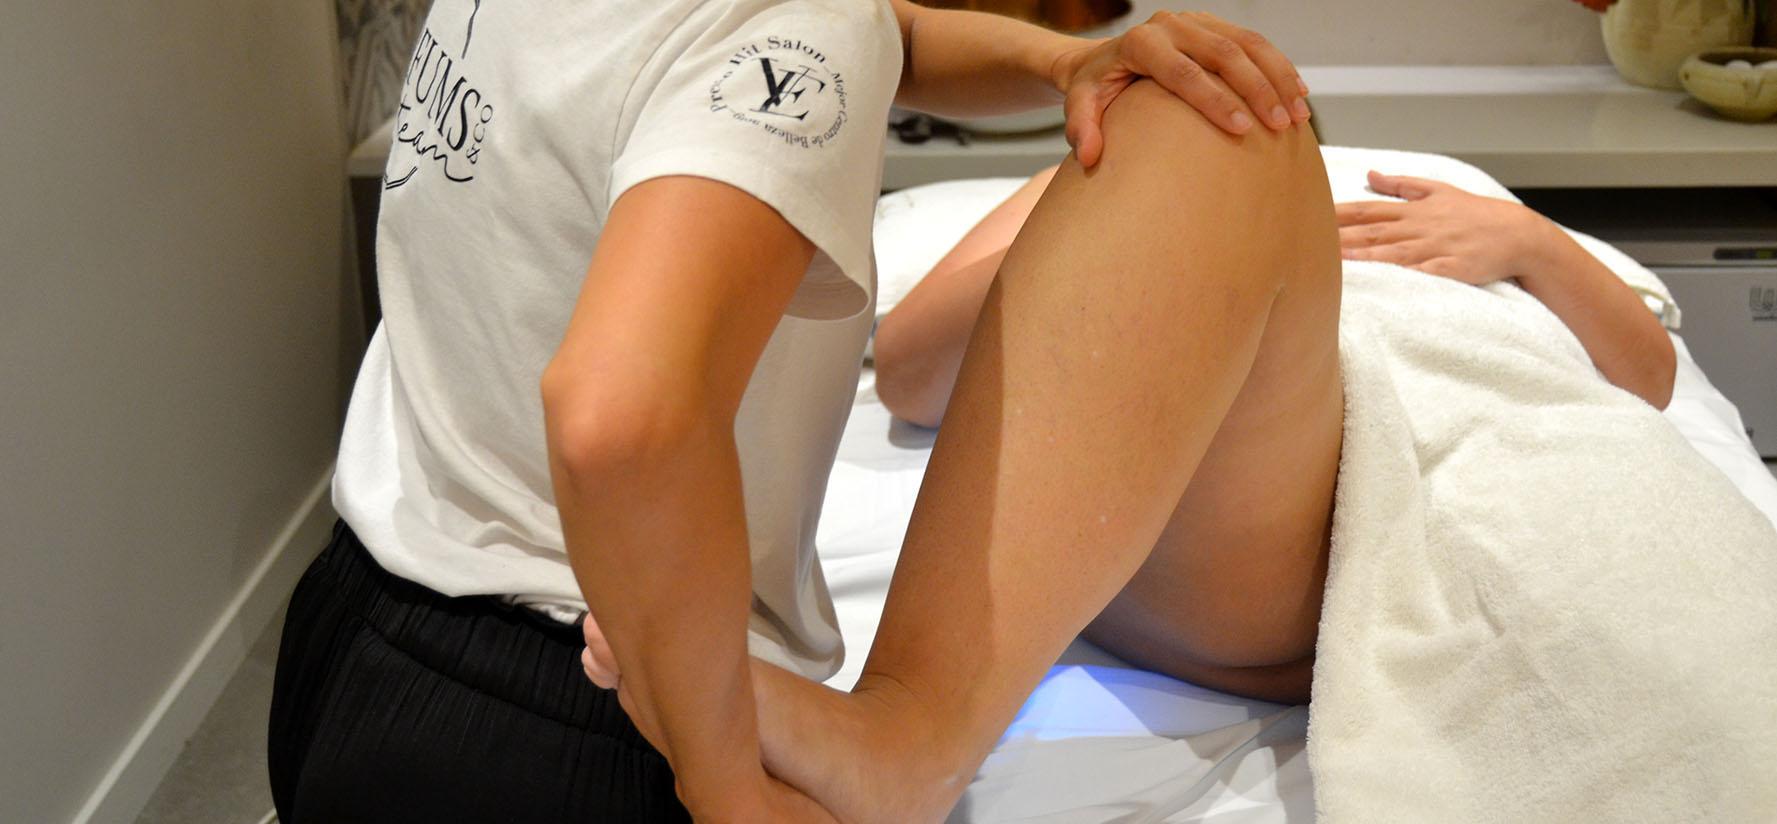 fisio-per-millorar-el-dolor